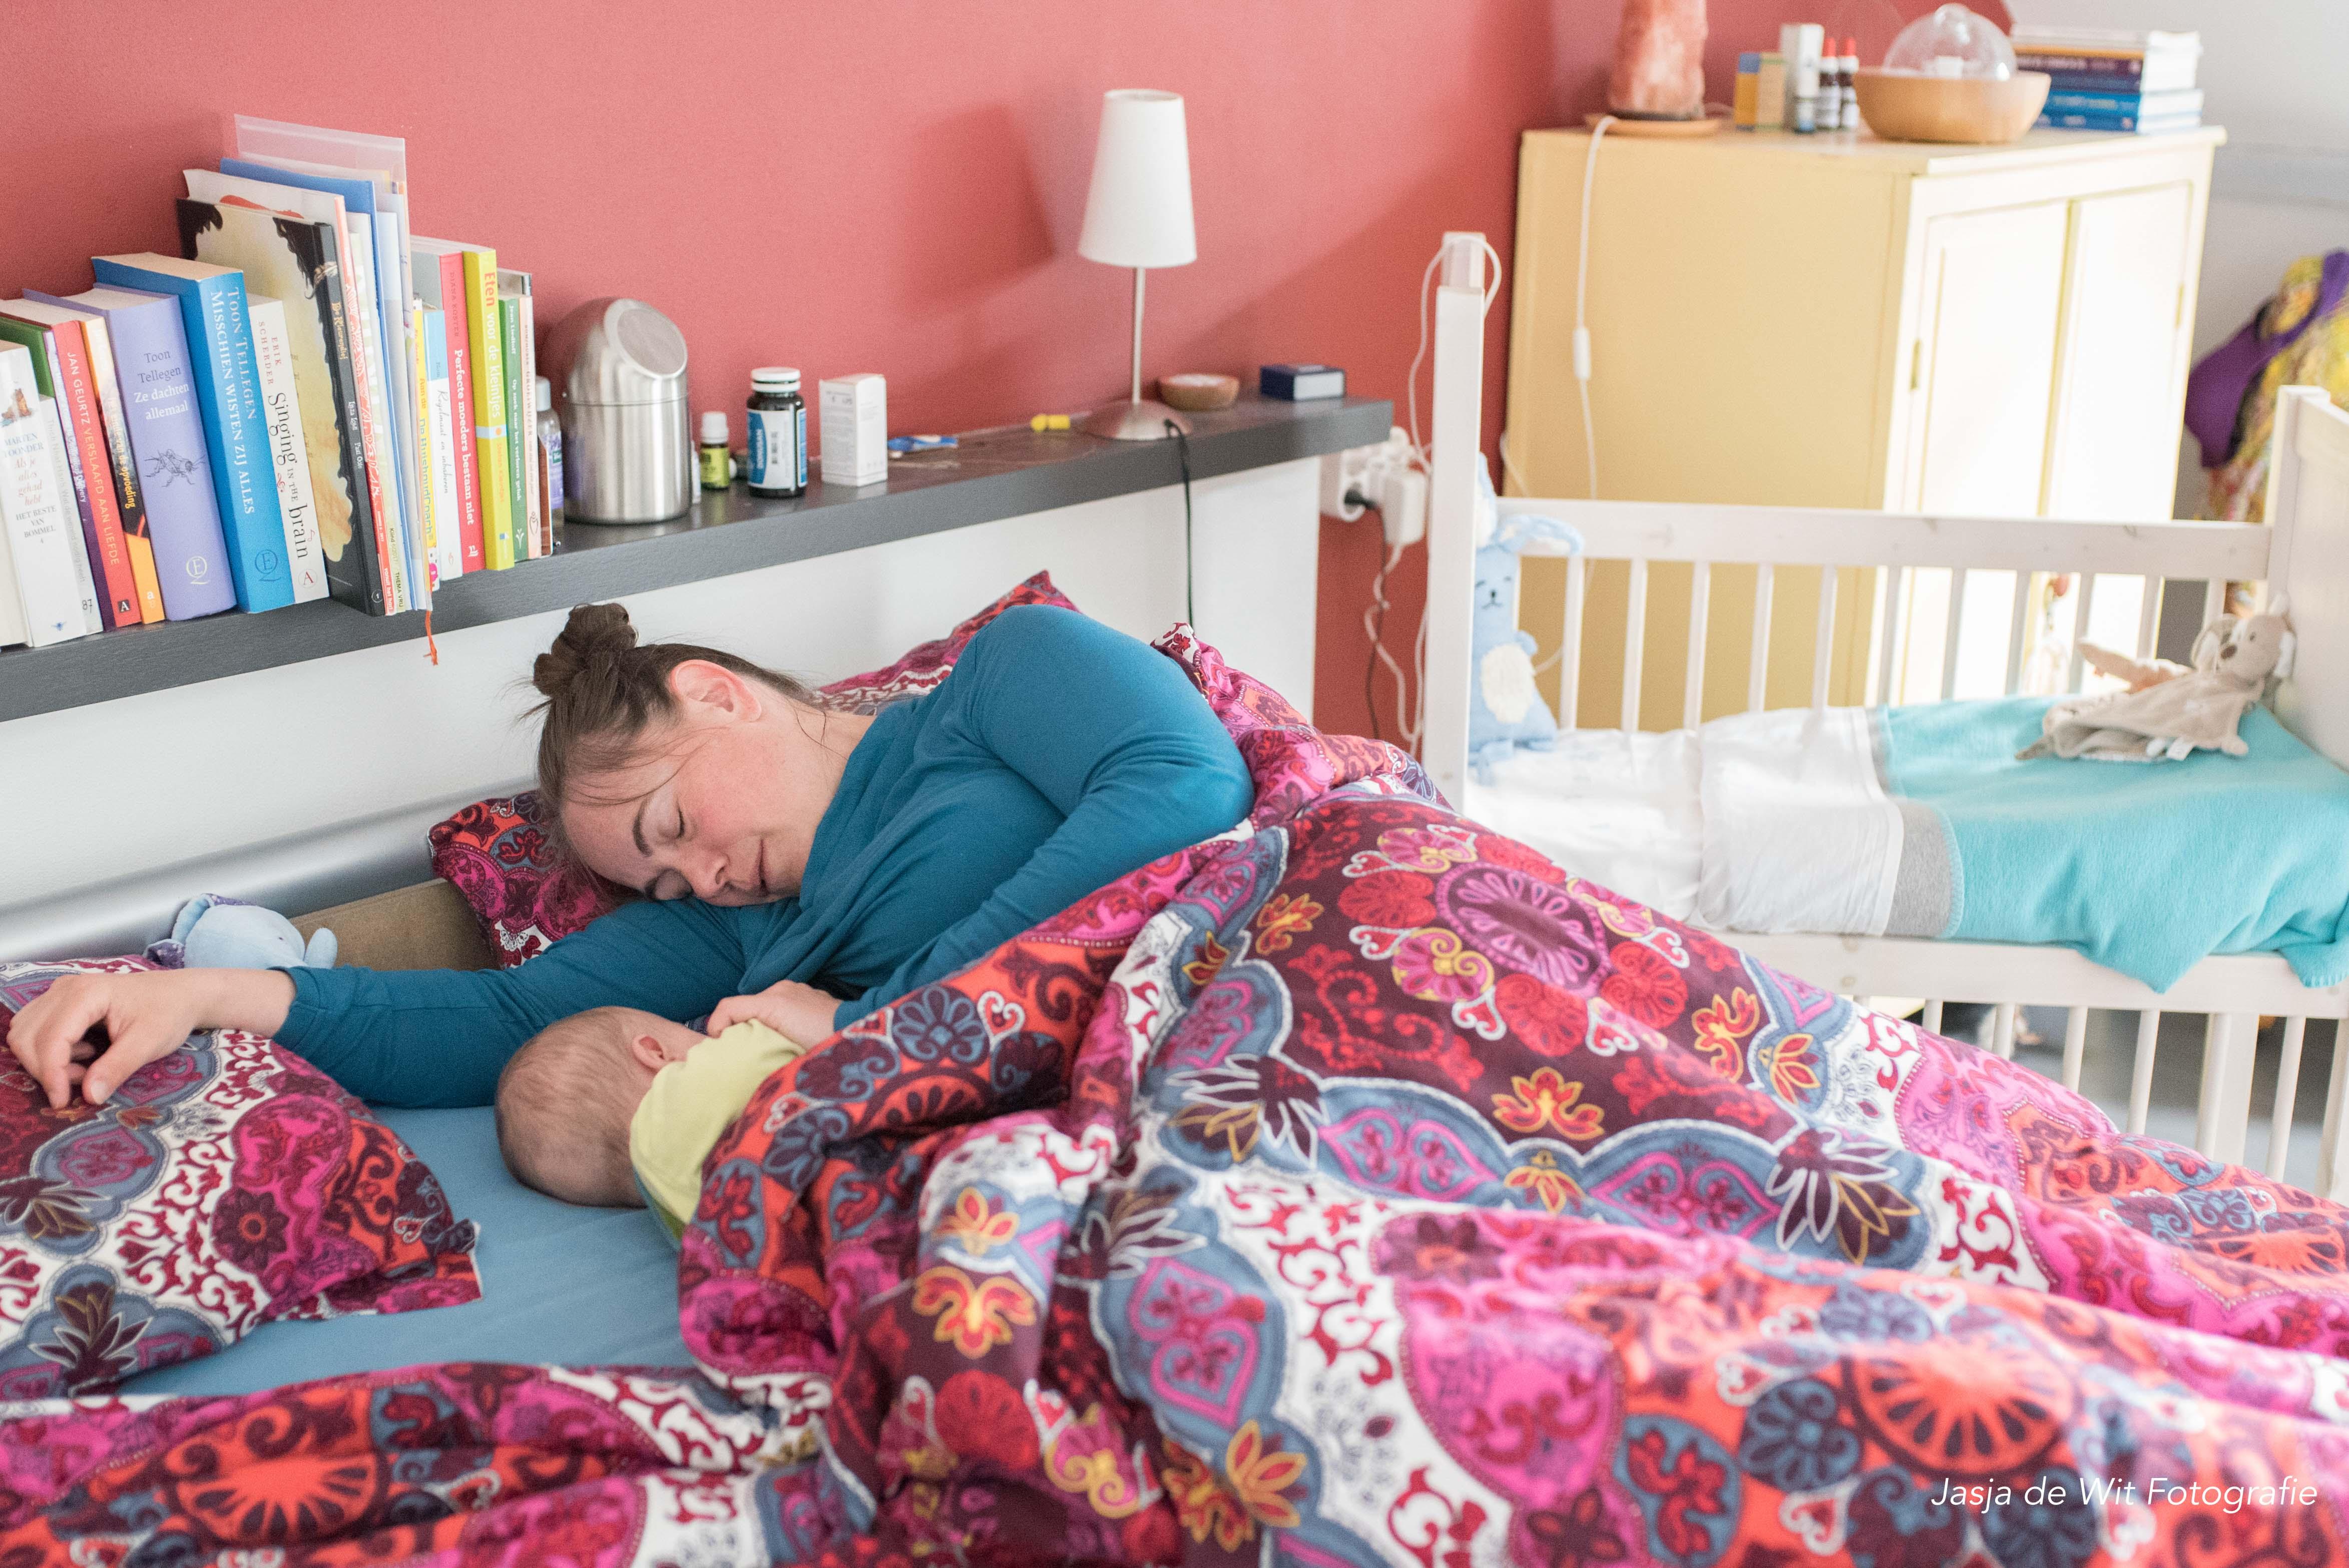 Moeder voedt haar zoon in bed Jasja de Wit Fotografie